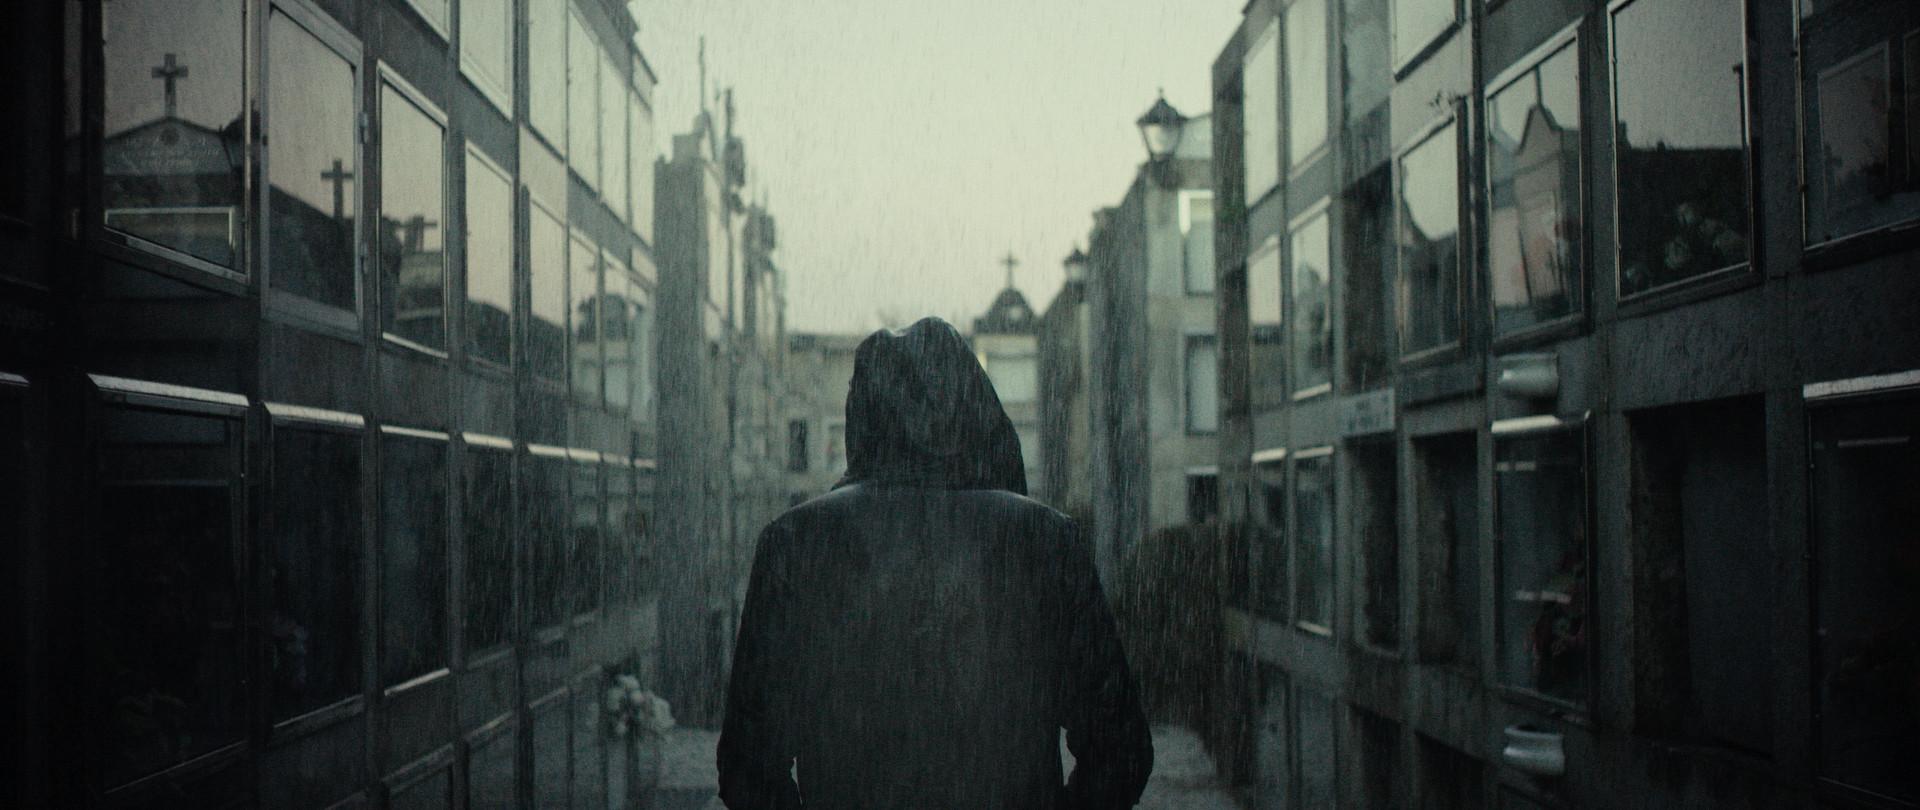 El monstruo invisible, de Javier y Guillermo Fesser, Premio Fugaz 2020 a mejor cortometraje